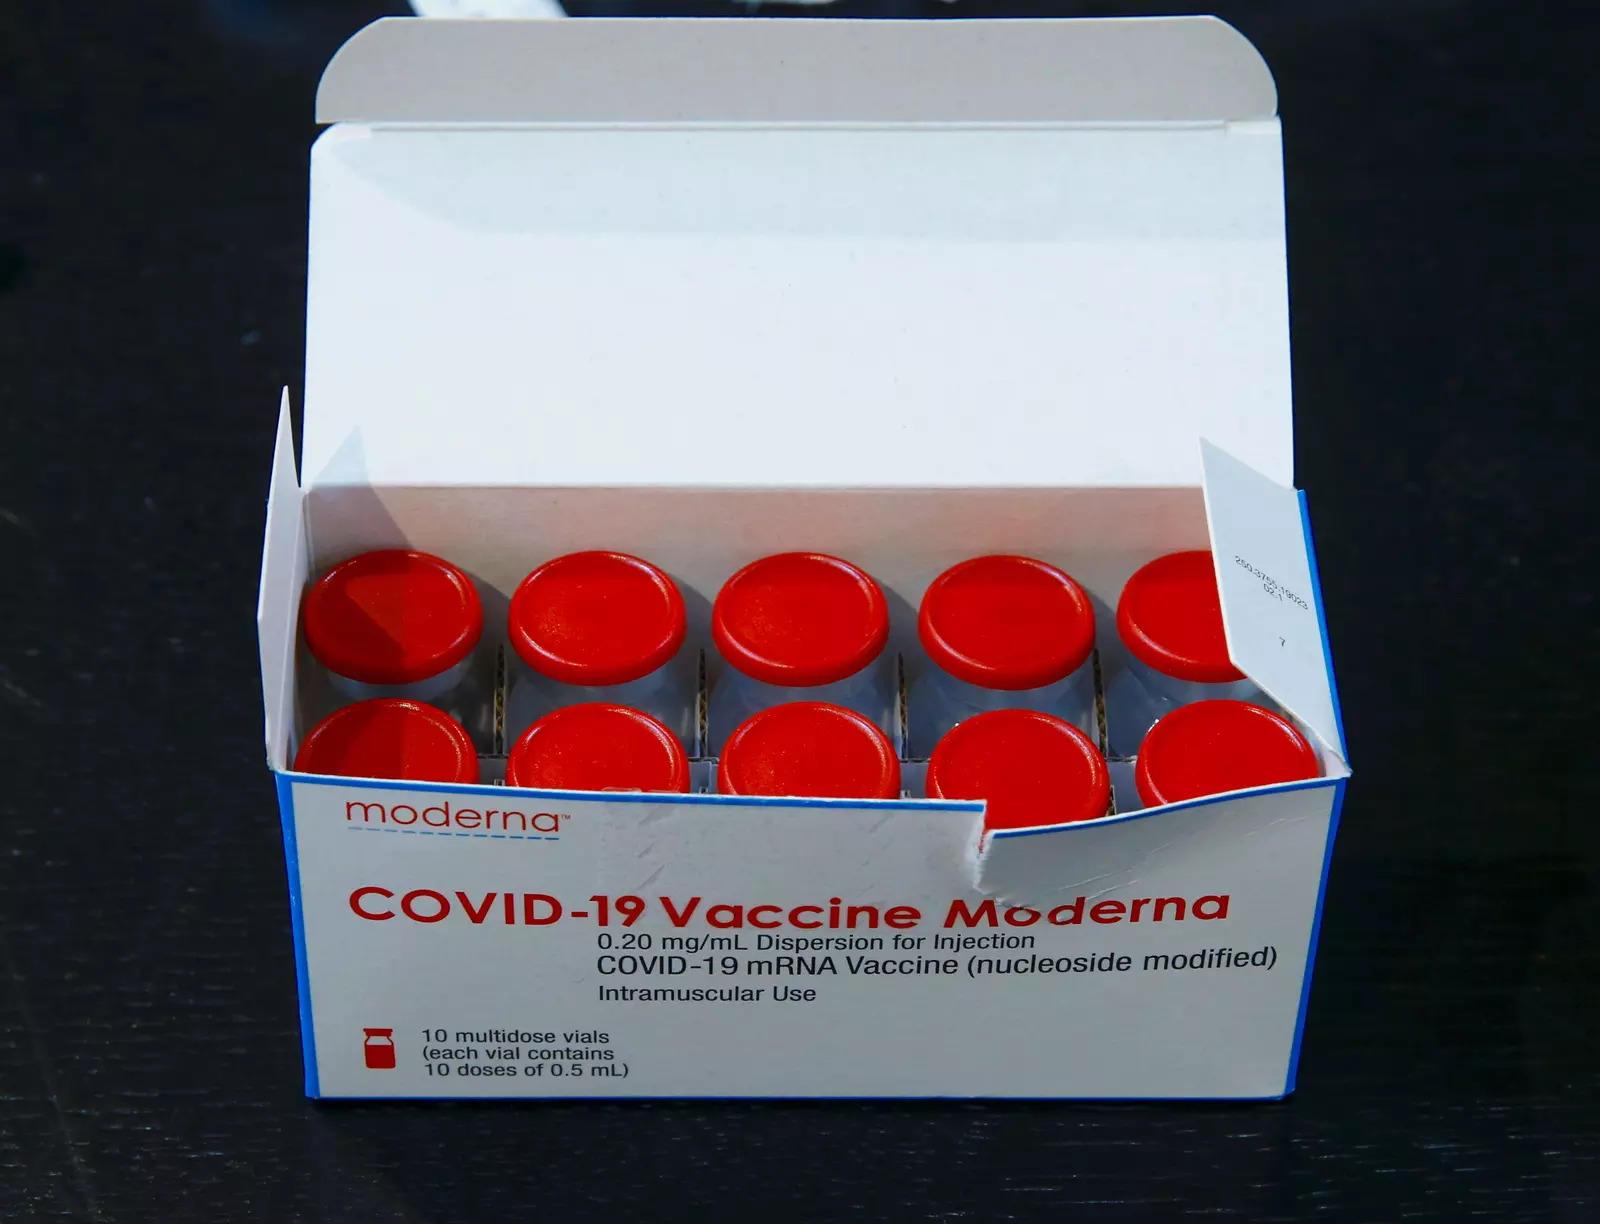 एस.कोरिया ने मॉडर्न के कोविड -19 वैक्सीन को मंजूरी दी – ईटी हेल्थवर्ल्ड